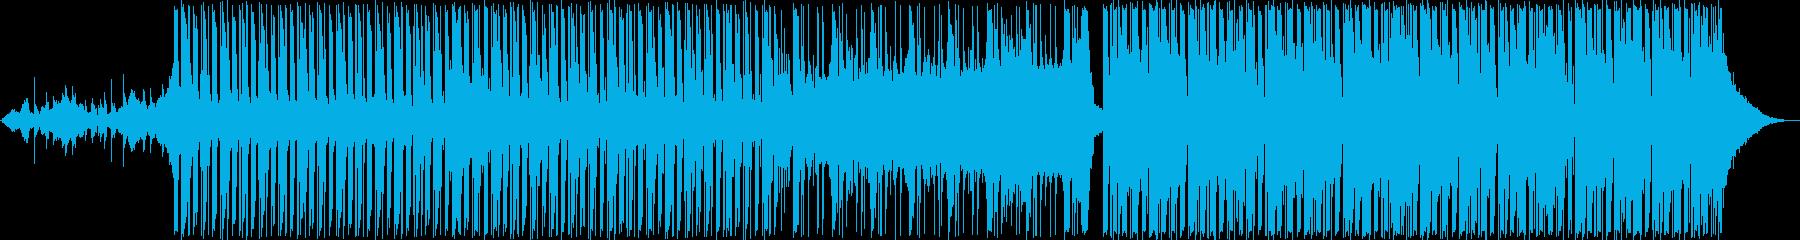 リラックス感のあるトロピカルハウスの再生済みの波形